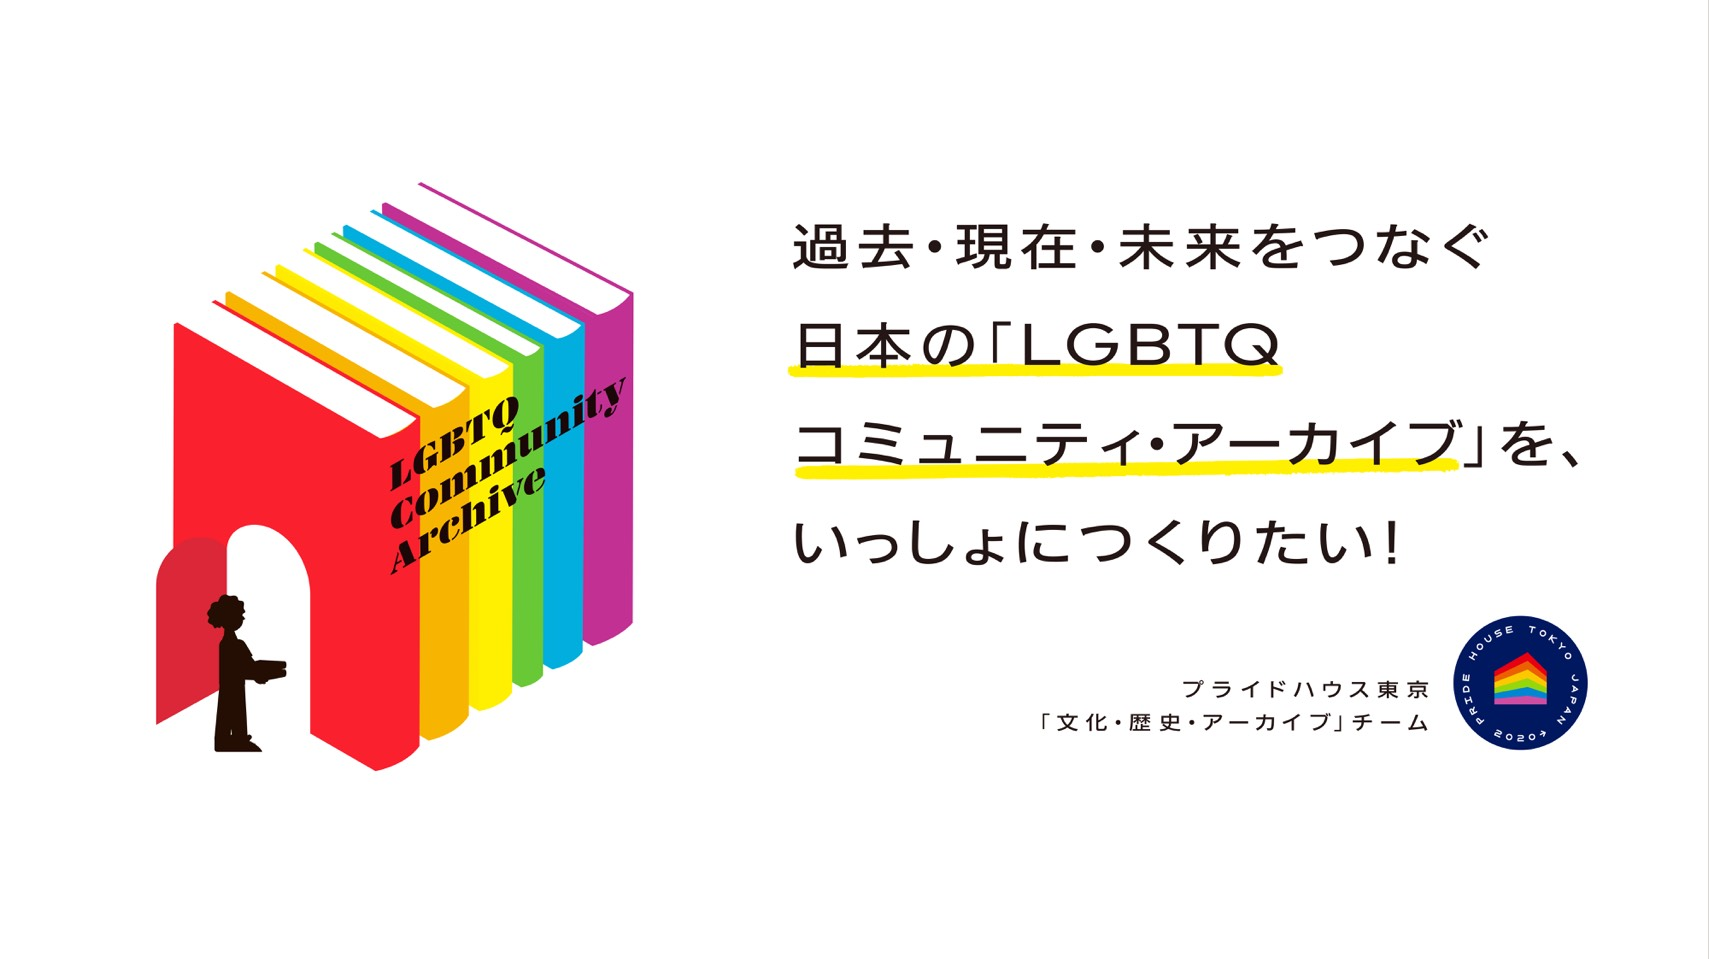 プロジェクト ゲイ